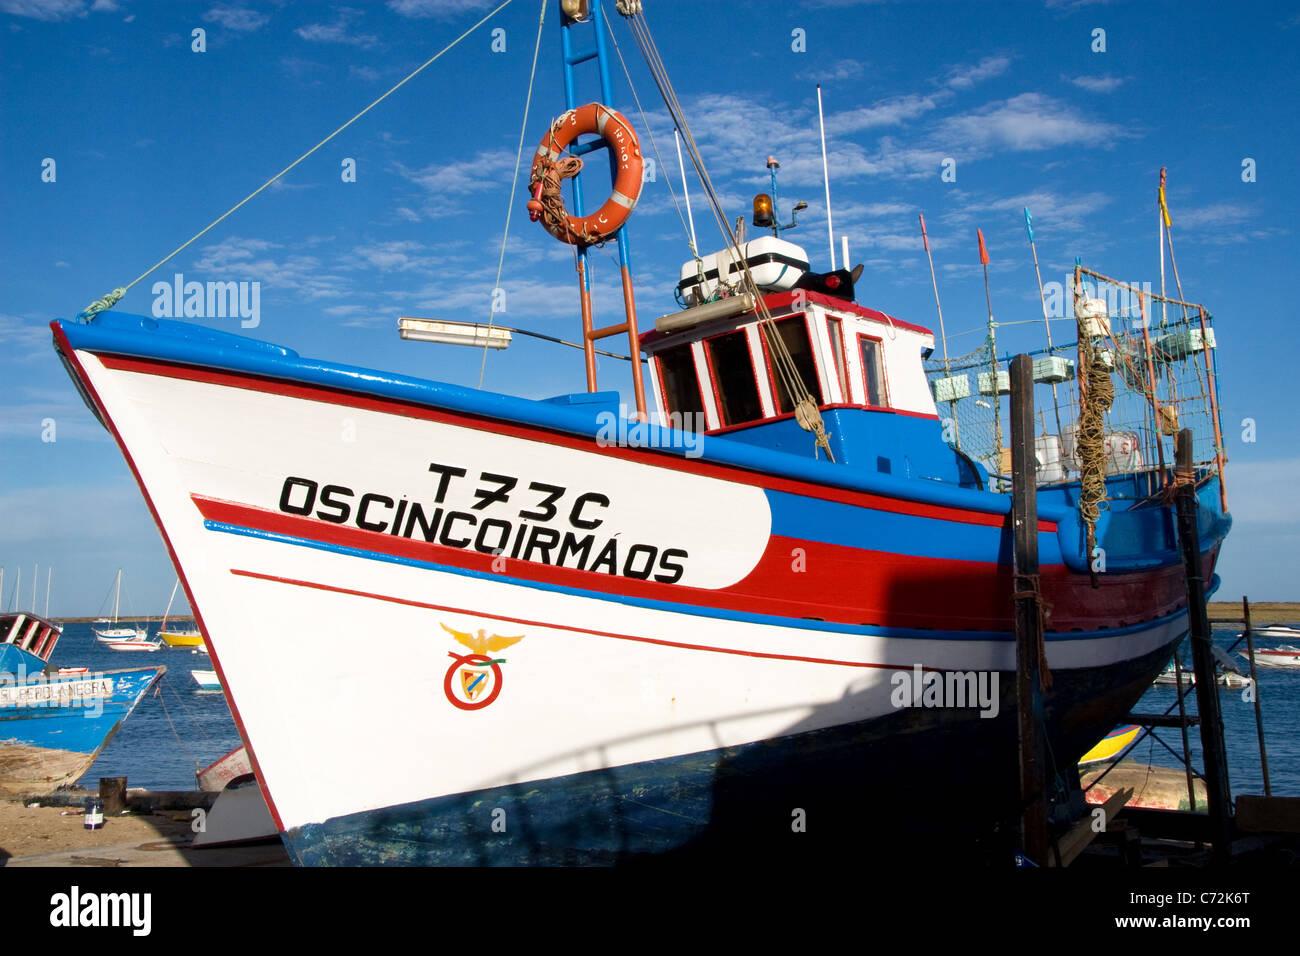 Fishing boat, Santa Luzia, Tavira, Algarve, Portugal - Stock Image